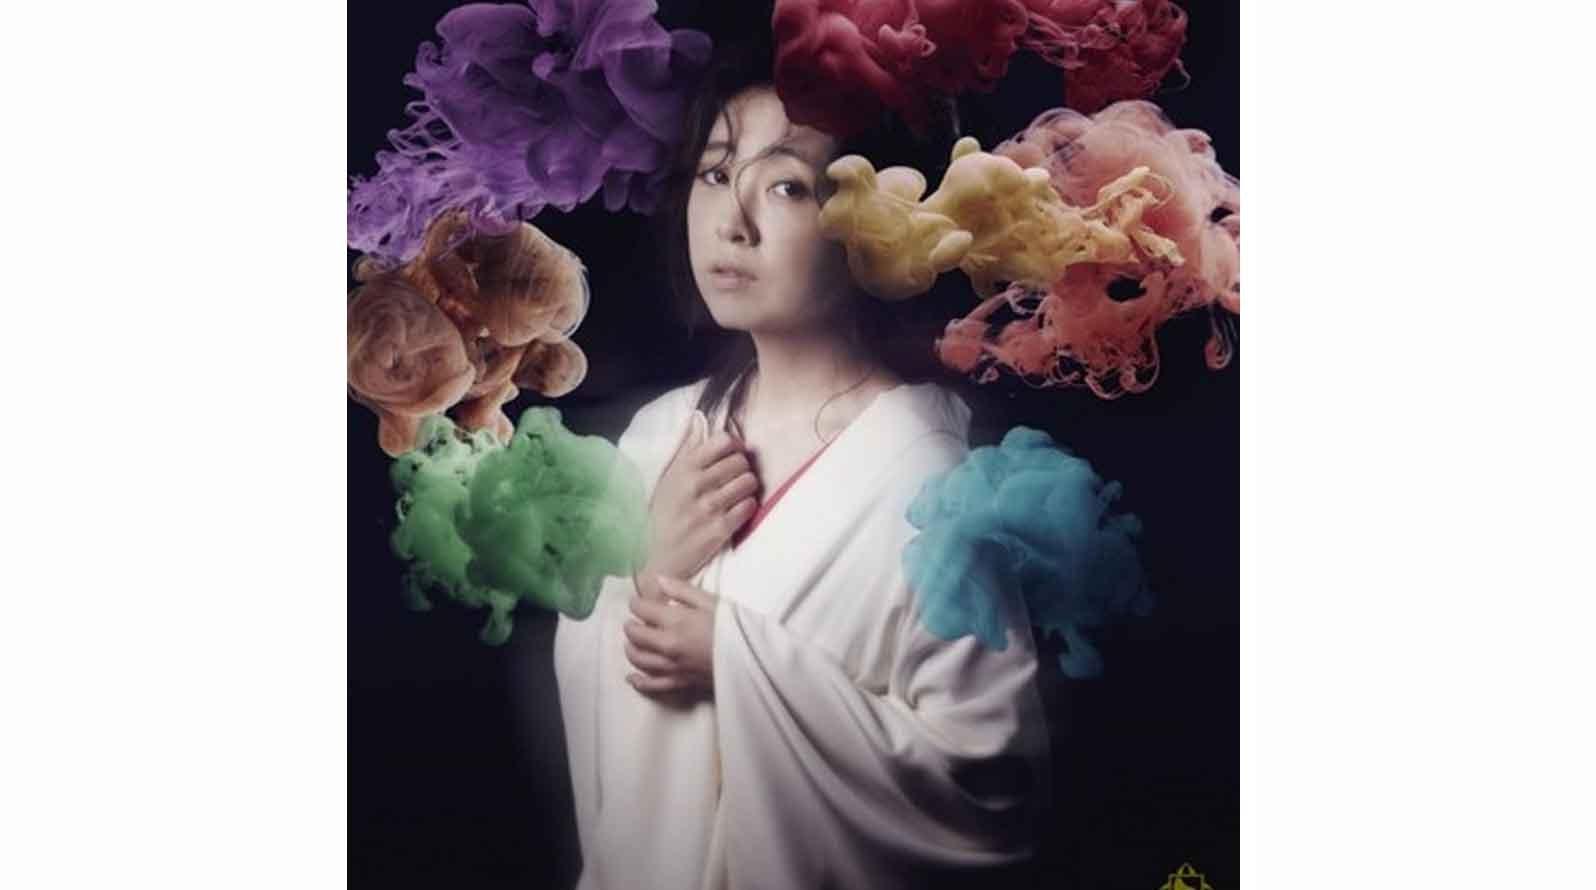 日本聲優女王林原めぐみ(林原惠)即將舉行出道二十六年以來的第一場單獨公演!